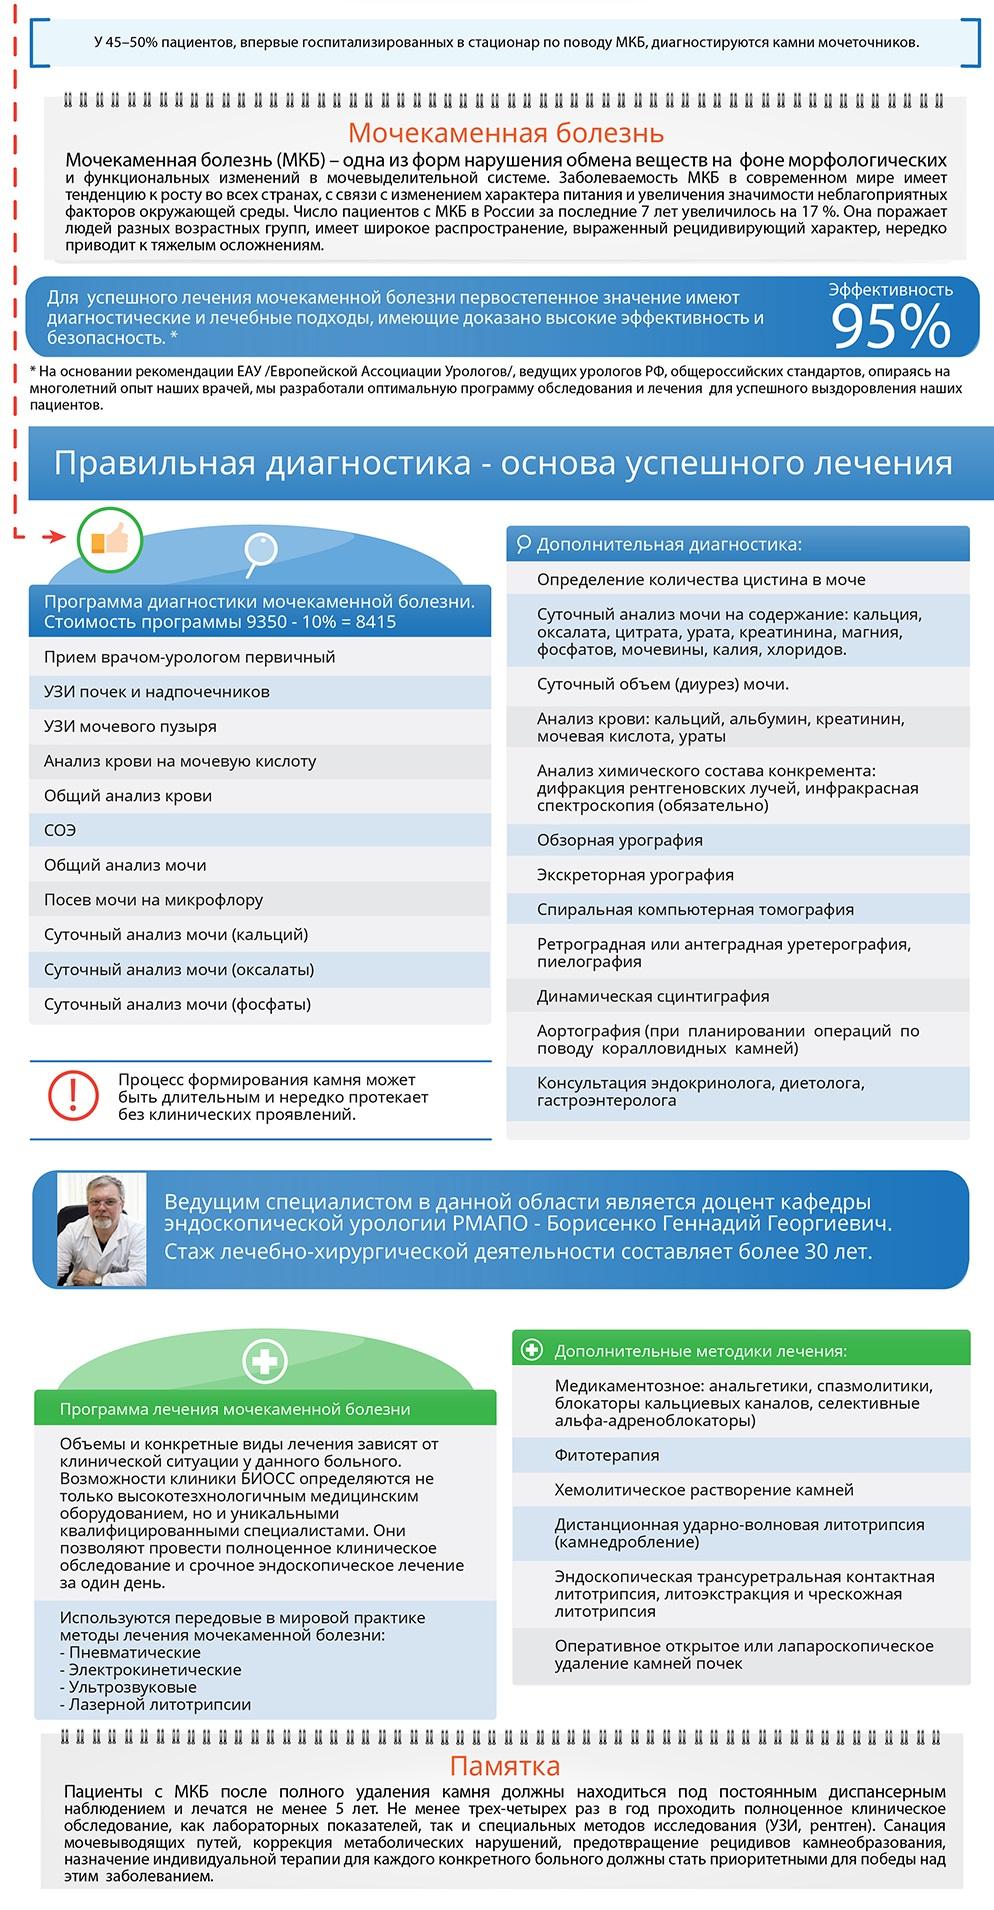 мочекаменная болезнь  программа лечения и диагностики